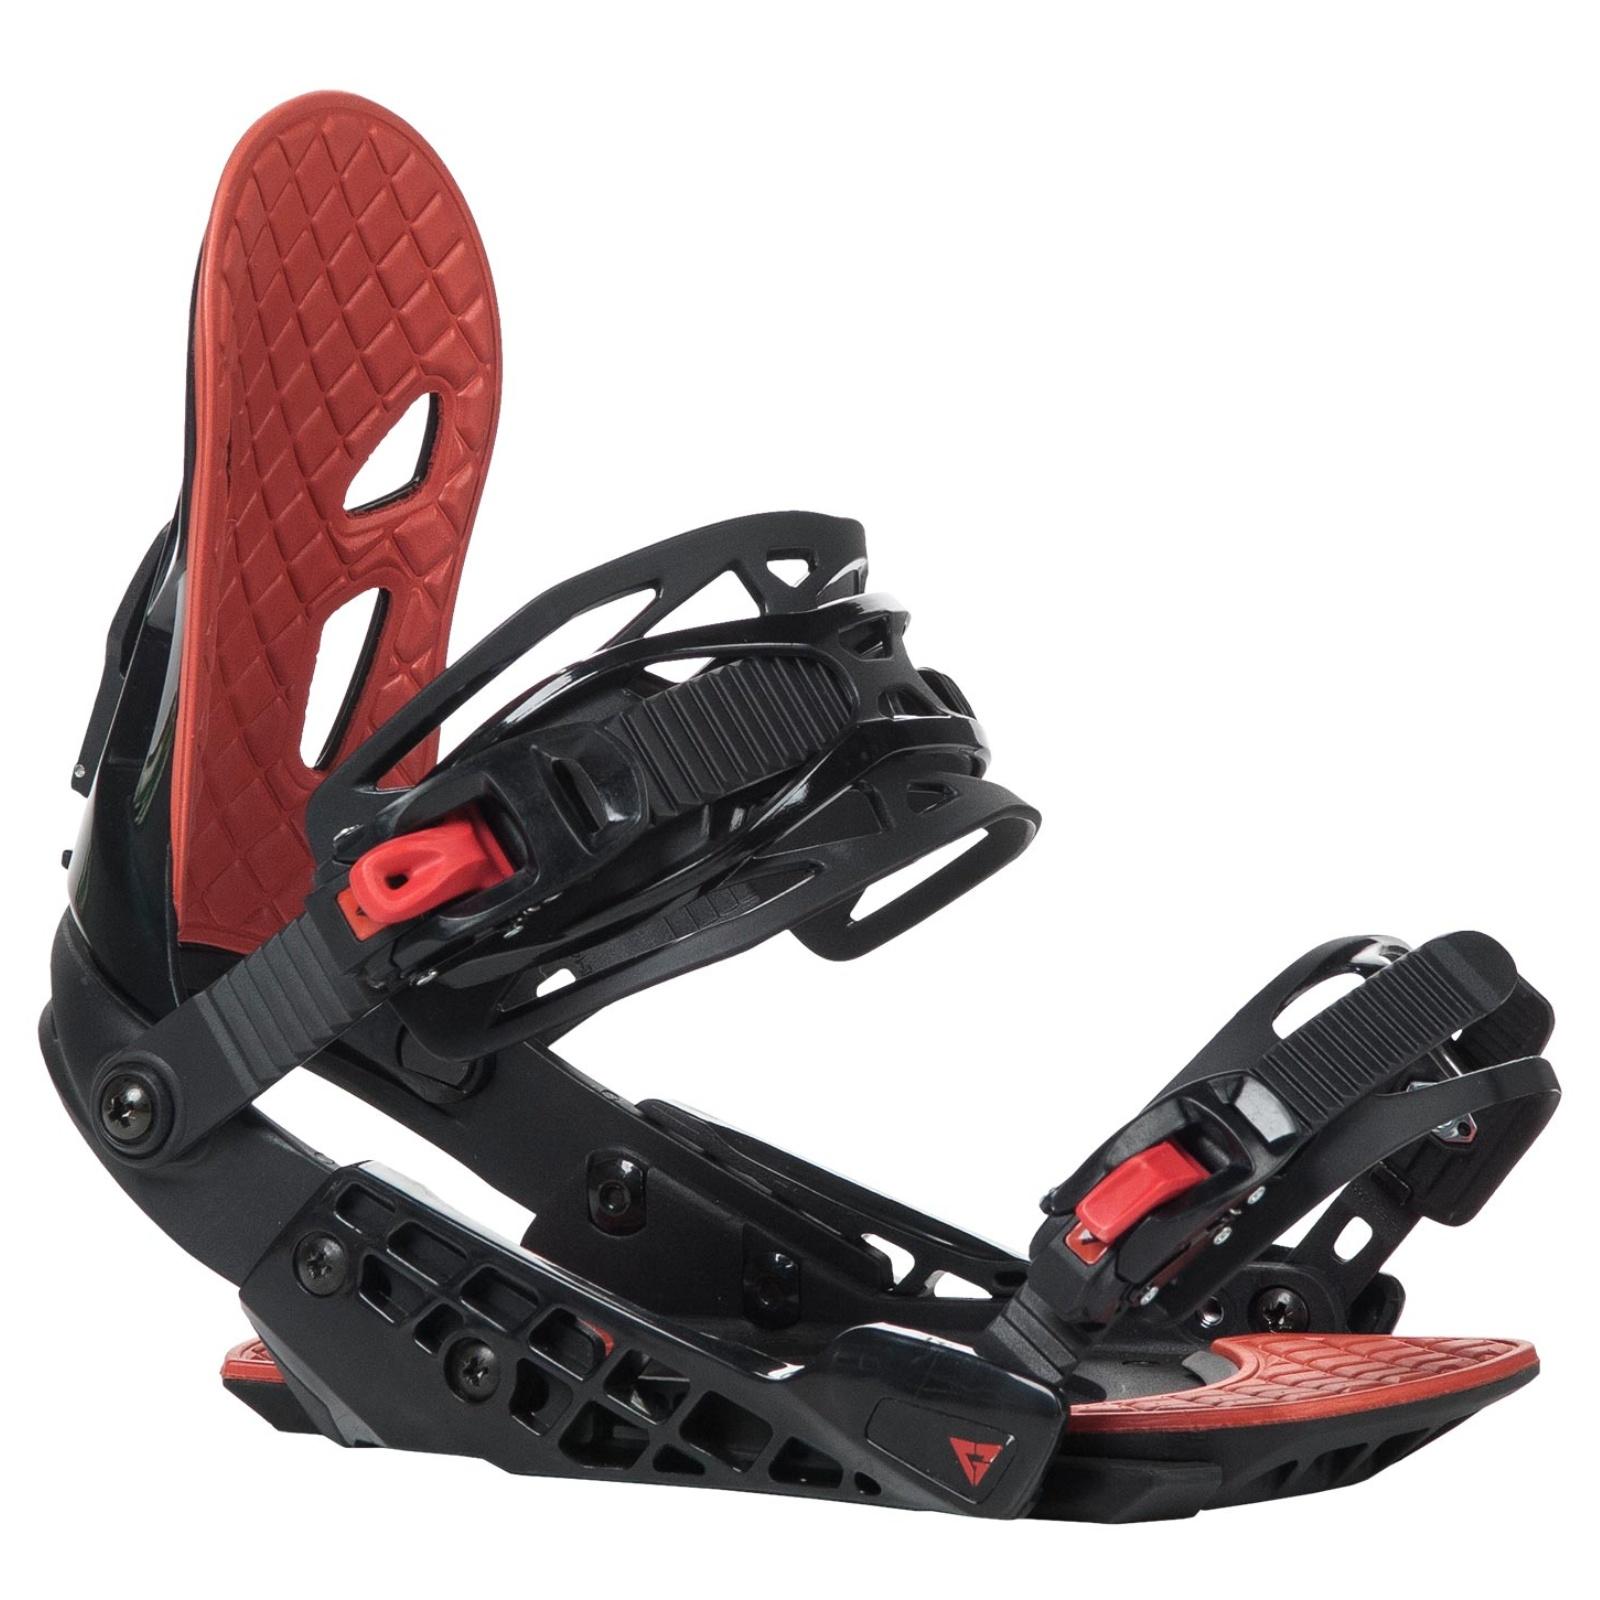 Snowboard vázání GRAVITY G2 dámské červené - vel. L